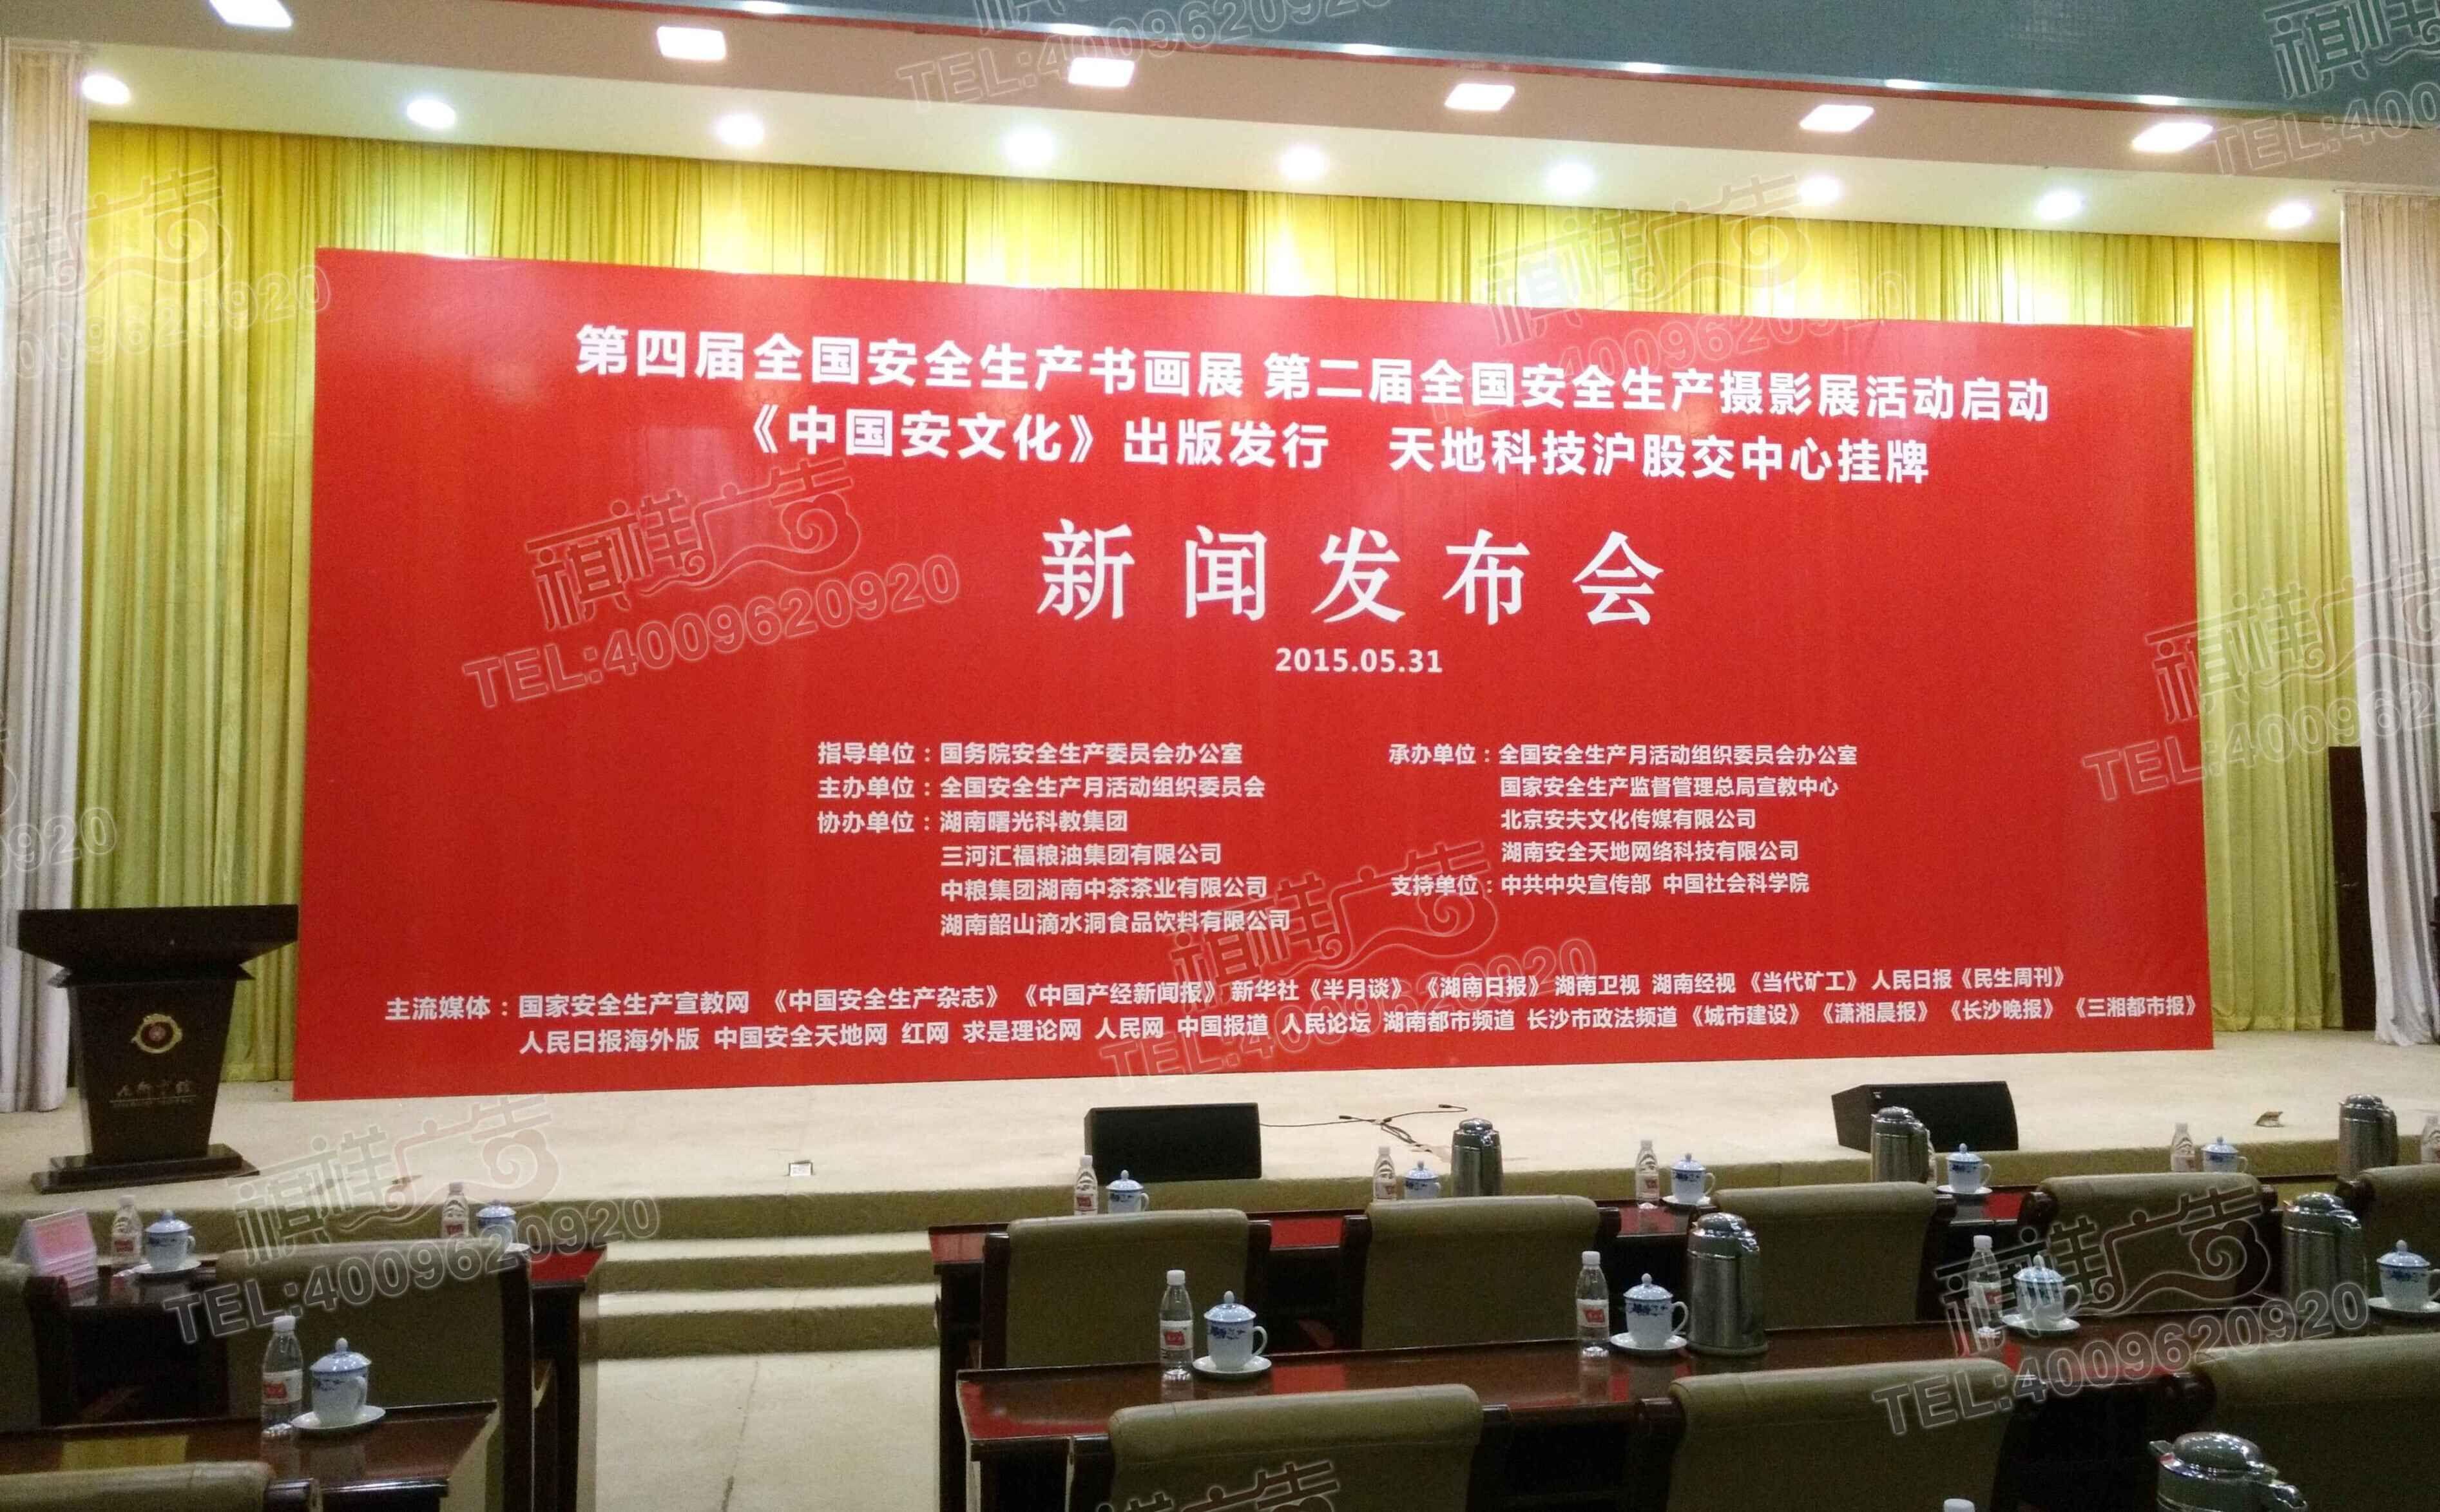 湖南省委九所宾馆安全第四届全国安全生产书画展桁架喷绘背景搭建